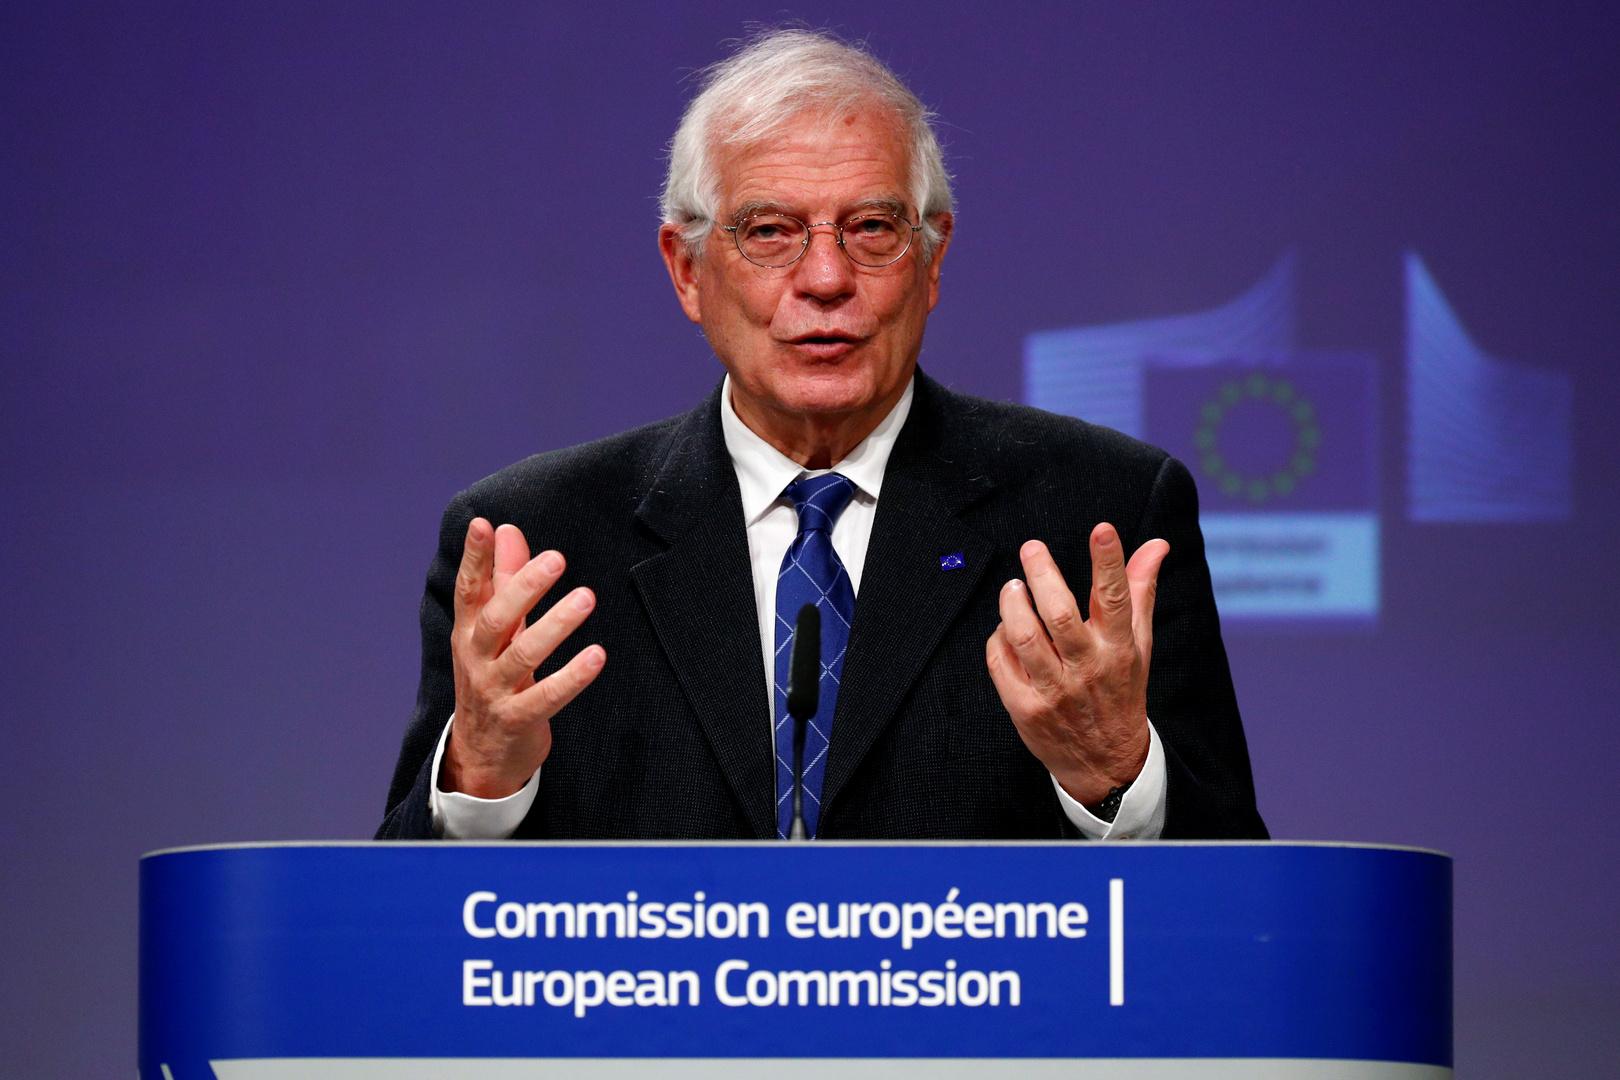 مفوض الاتحاد الأوروبي للسياسة الخارجية، جوزيب بوريل